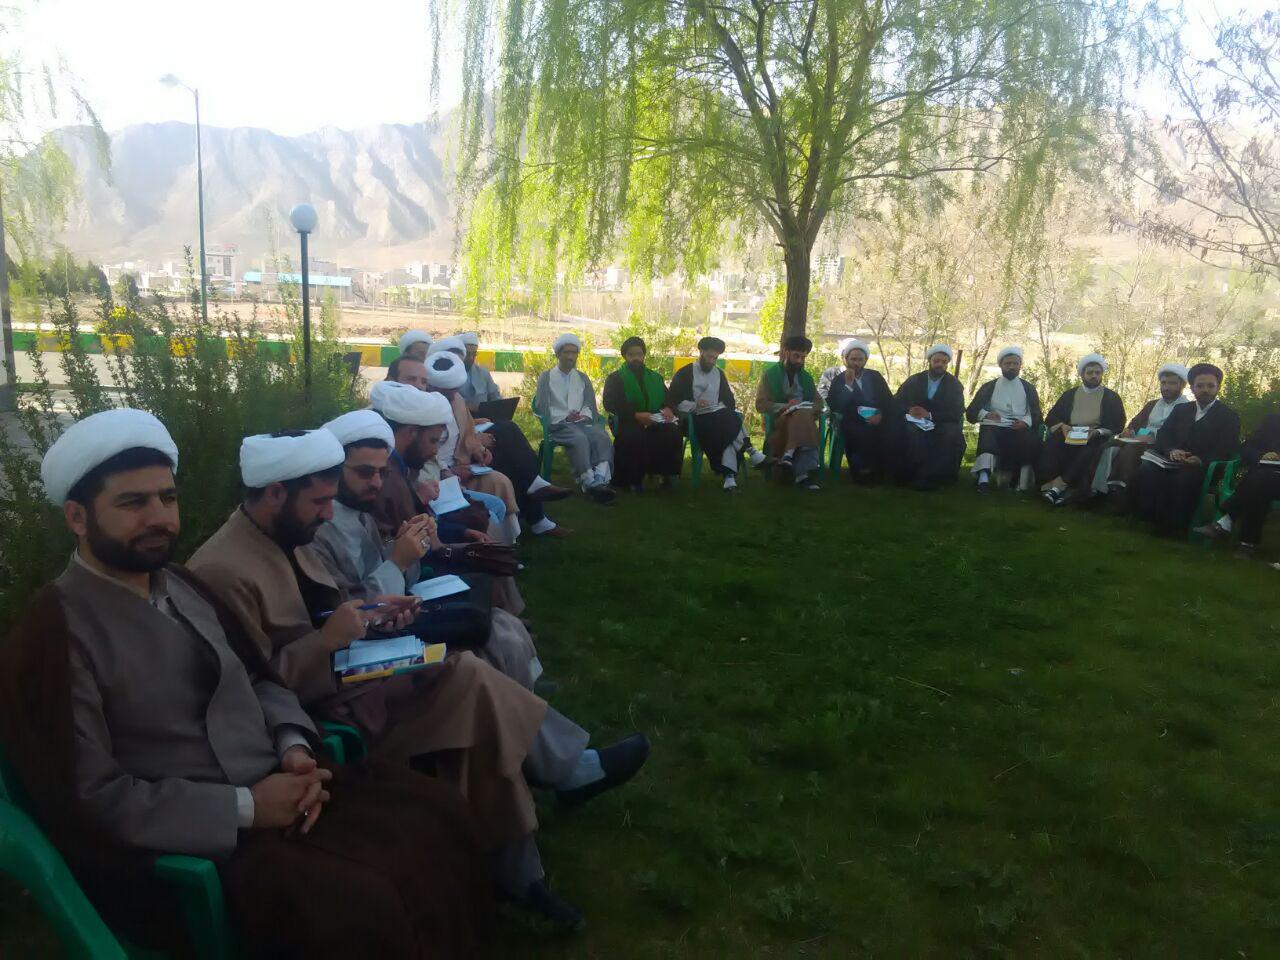 دوره آموزشی اساتید و کارشناسان برتر مرکز تخصصی نماز در سمنان